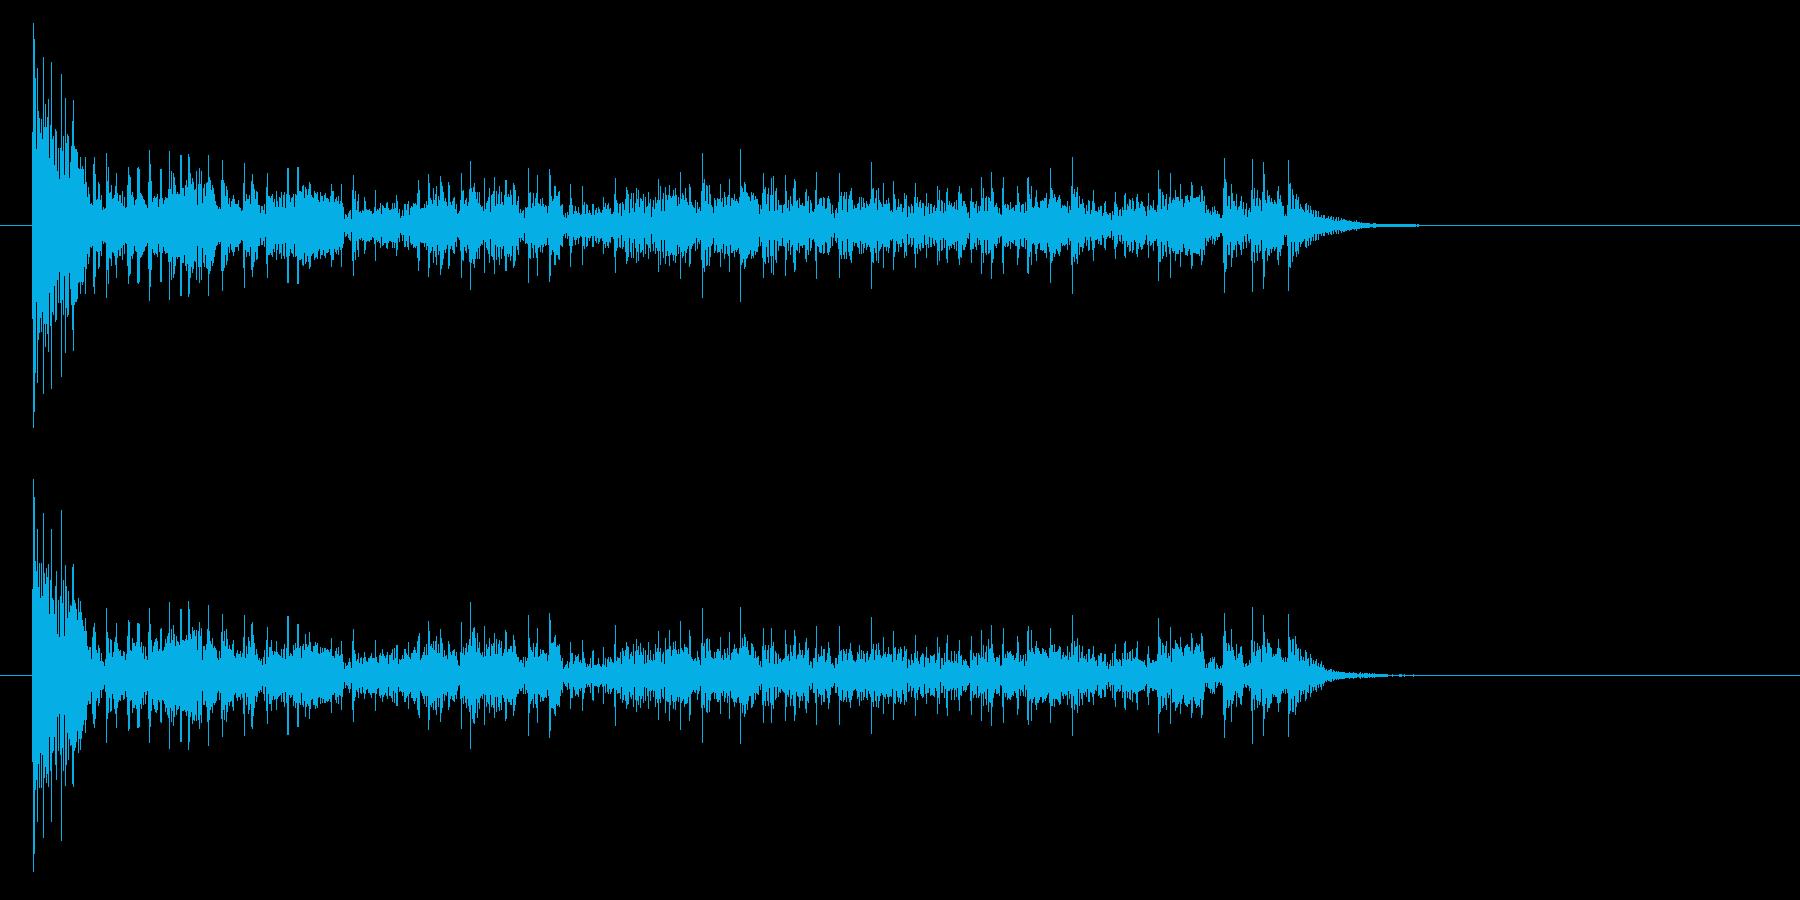 結果発表ドコドコ・ロール10秒シンバル無の再生済みの波形